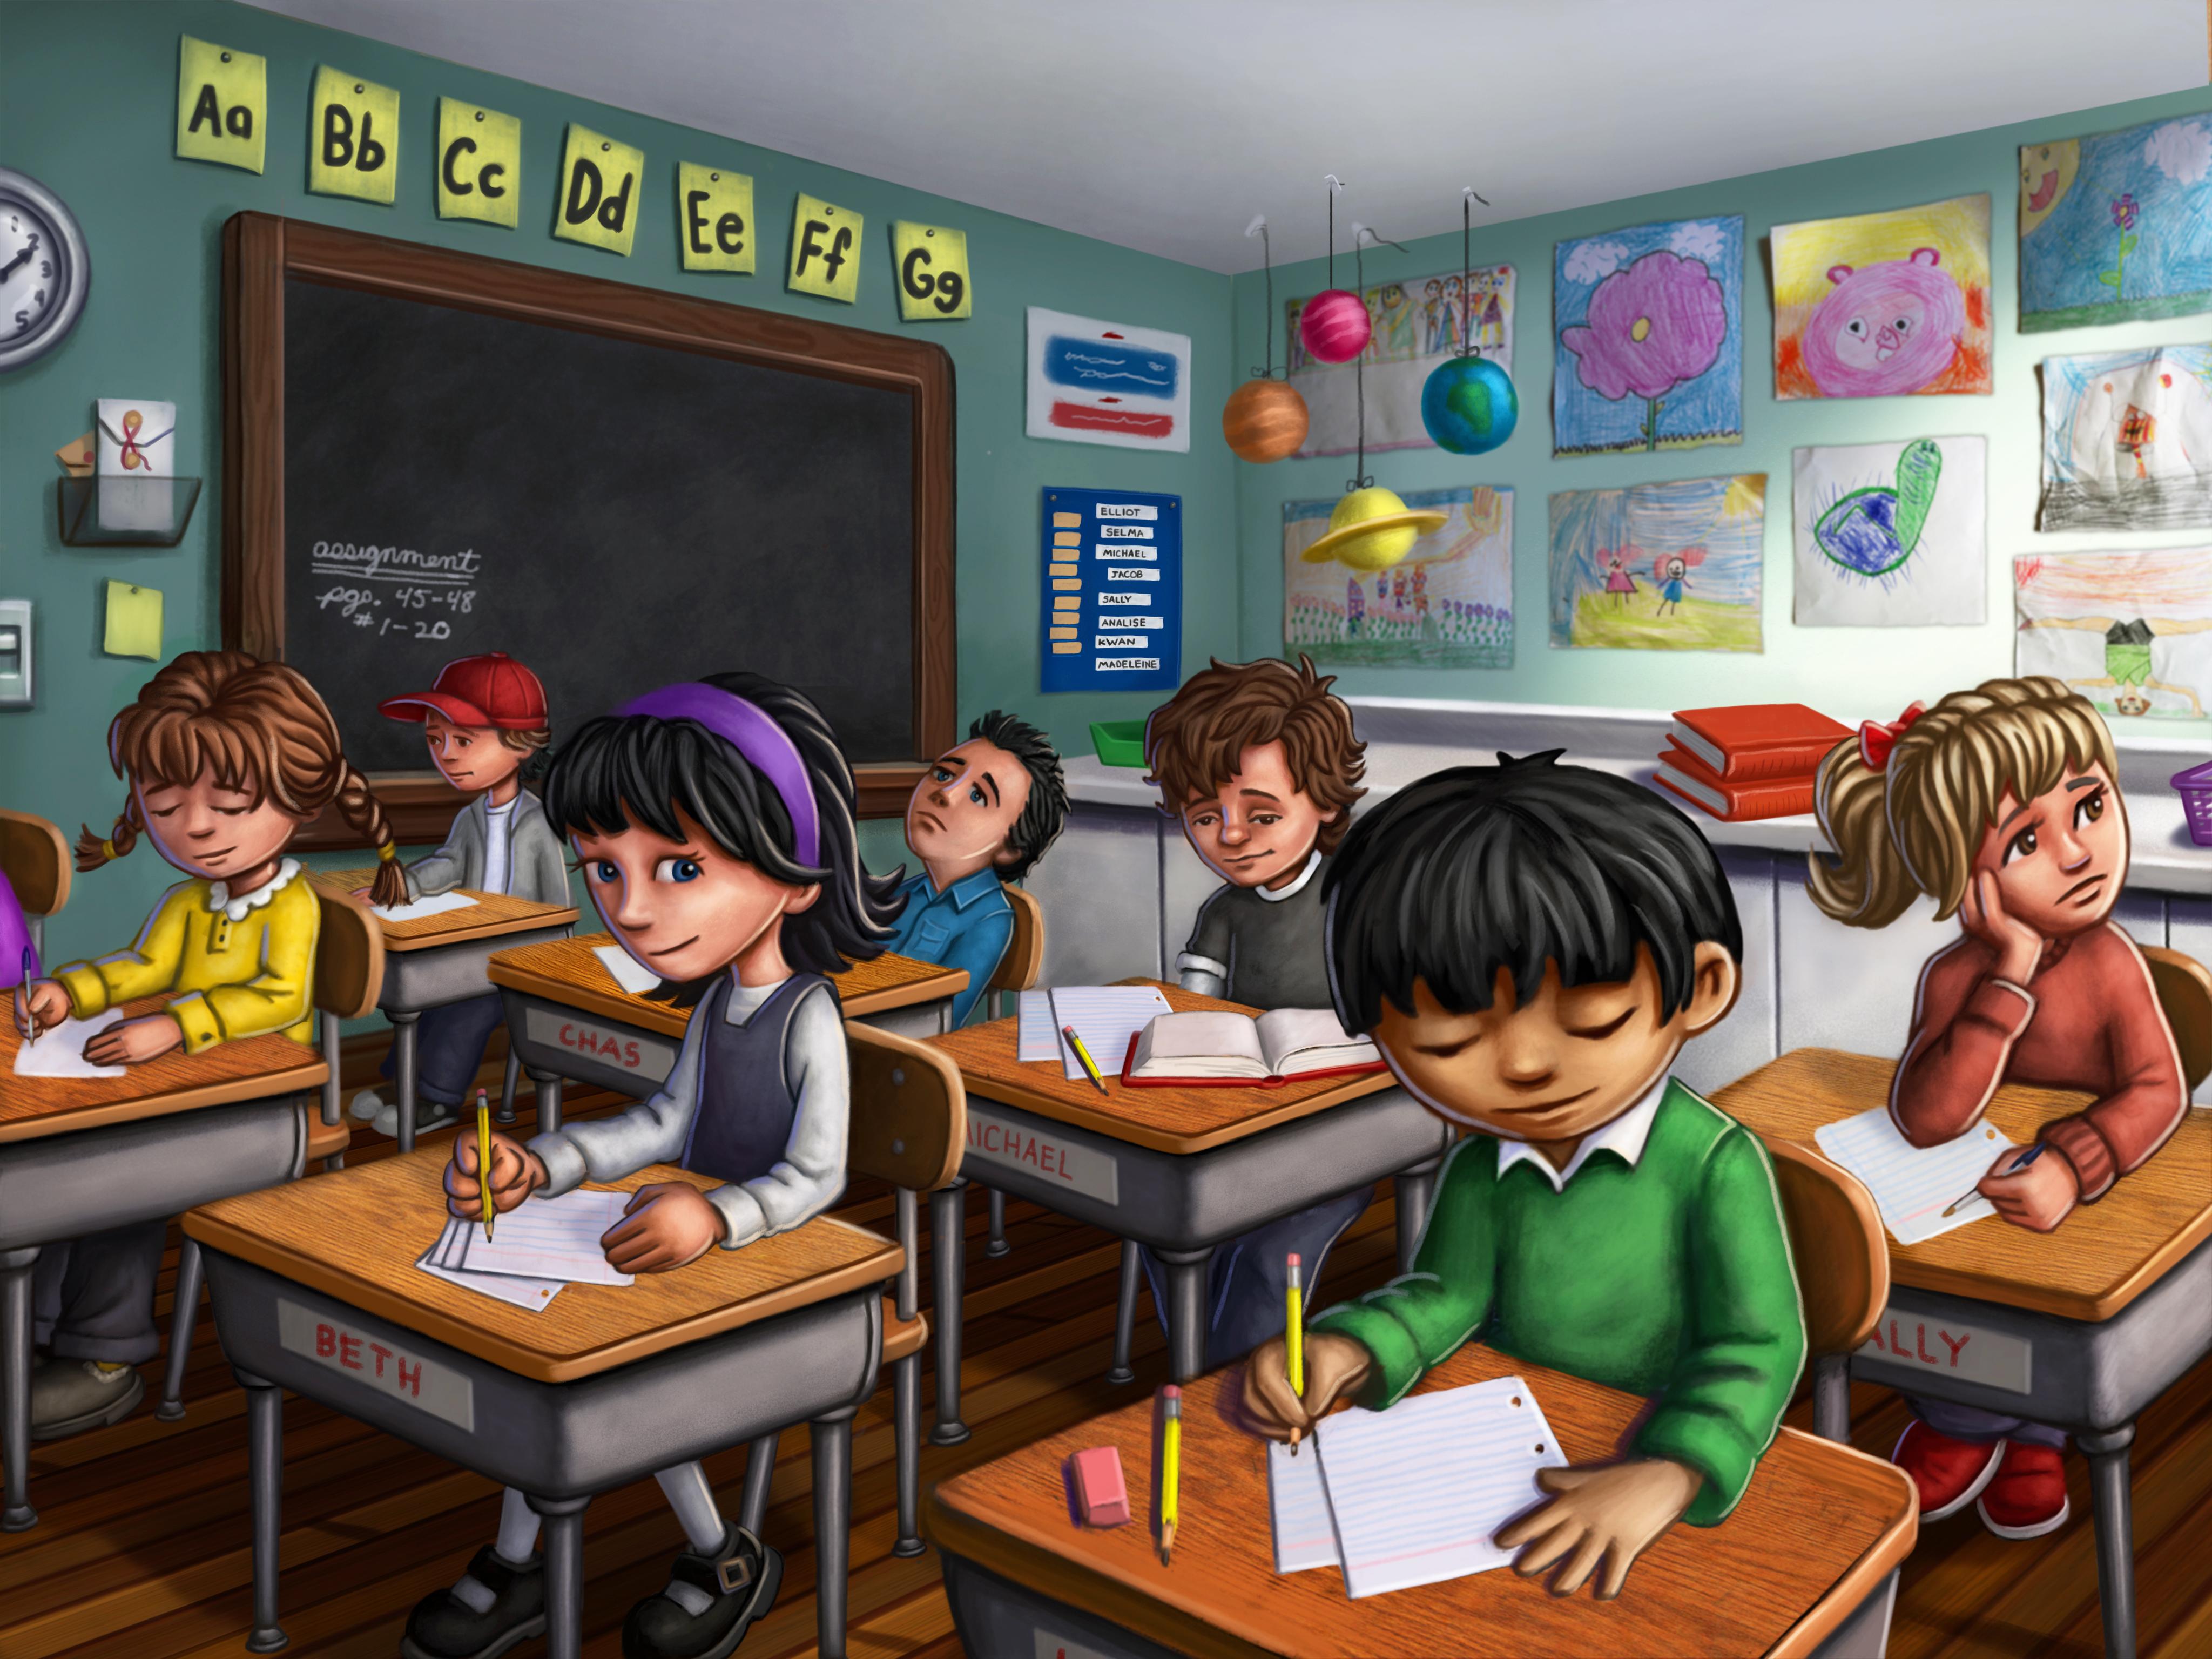 class clipart classroom